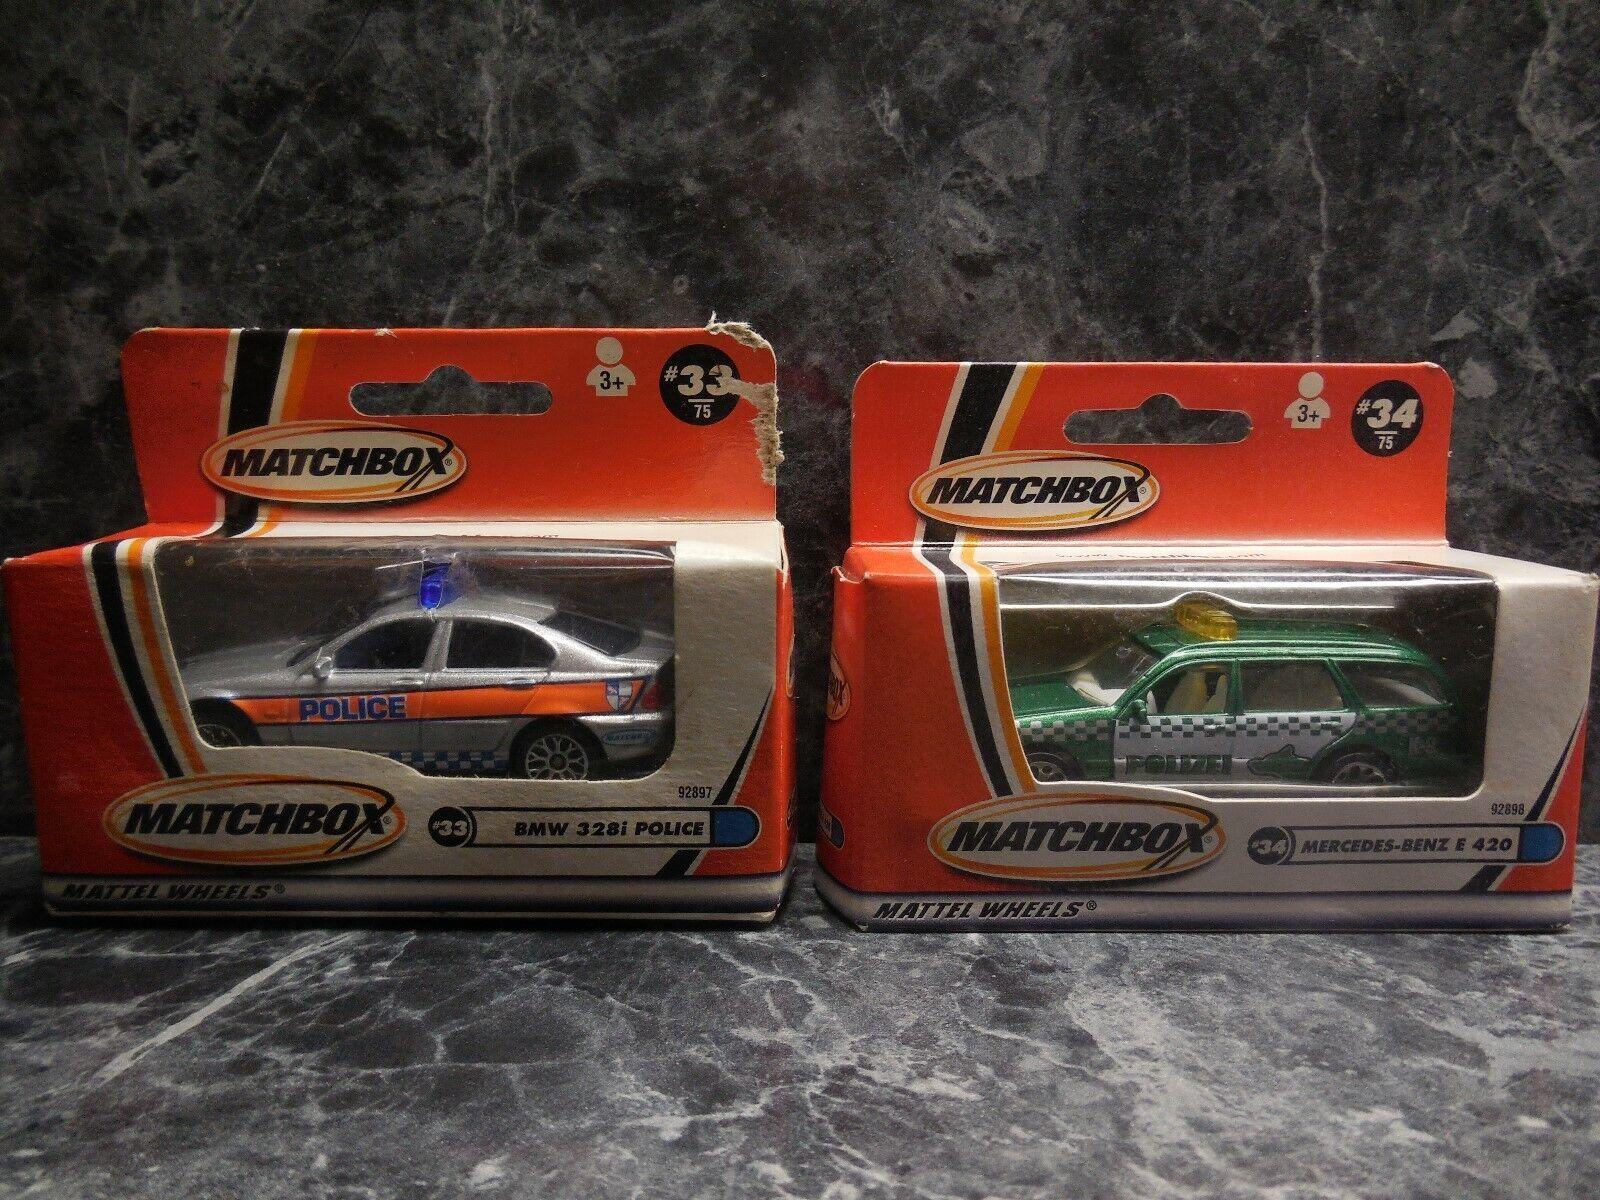 2 Vintage 2000 Matchbox coches de policía BMW 328i Mercedes-Benz E 420 Nuevo